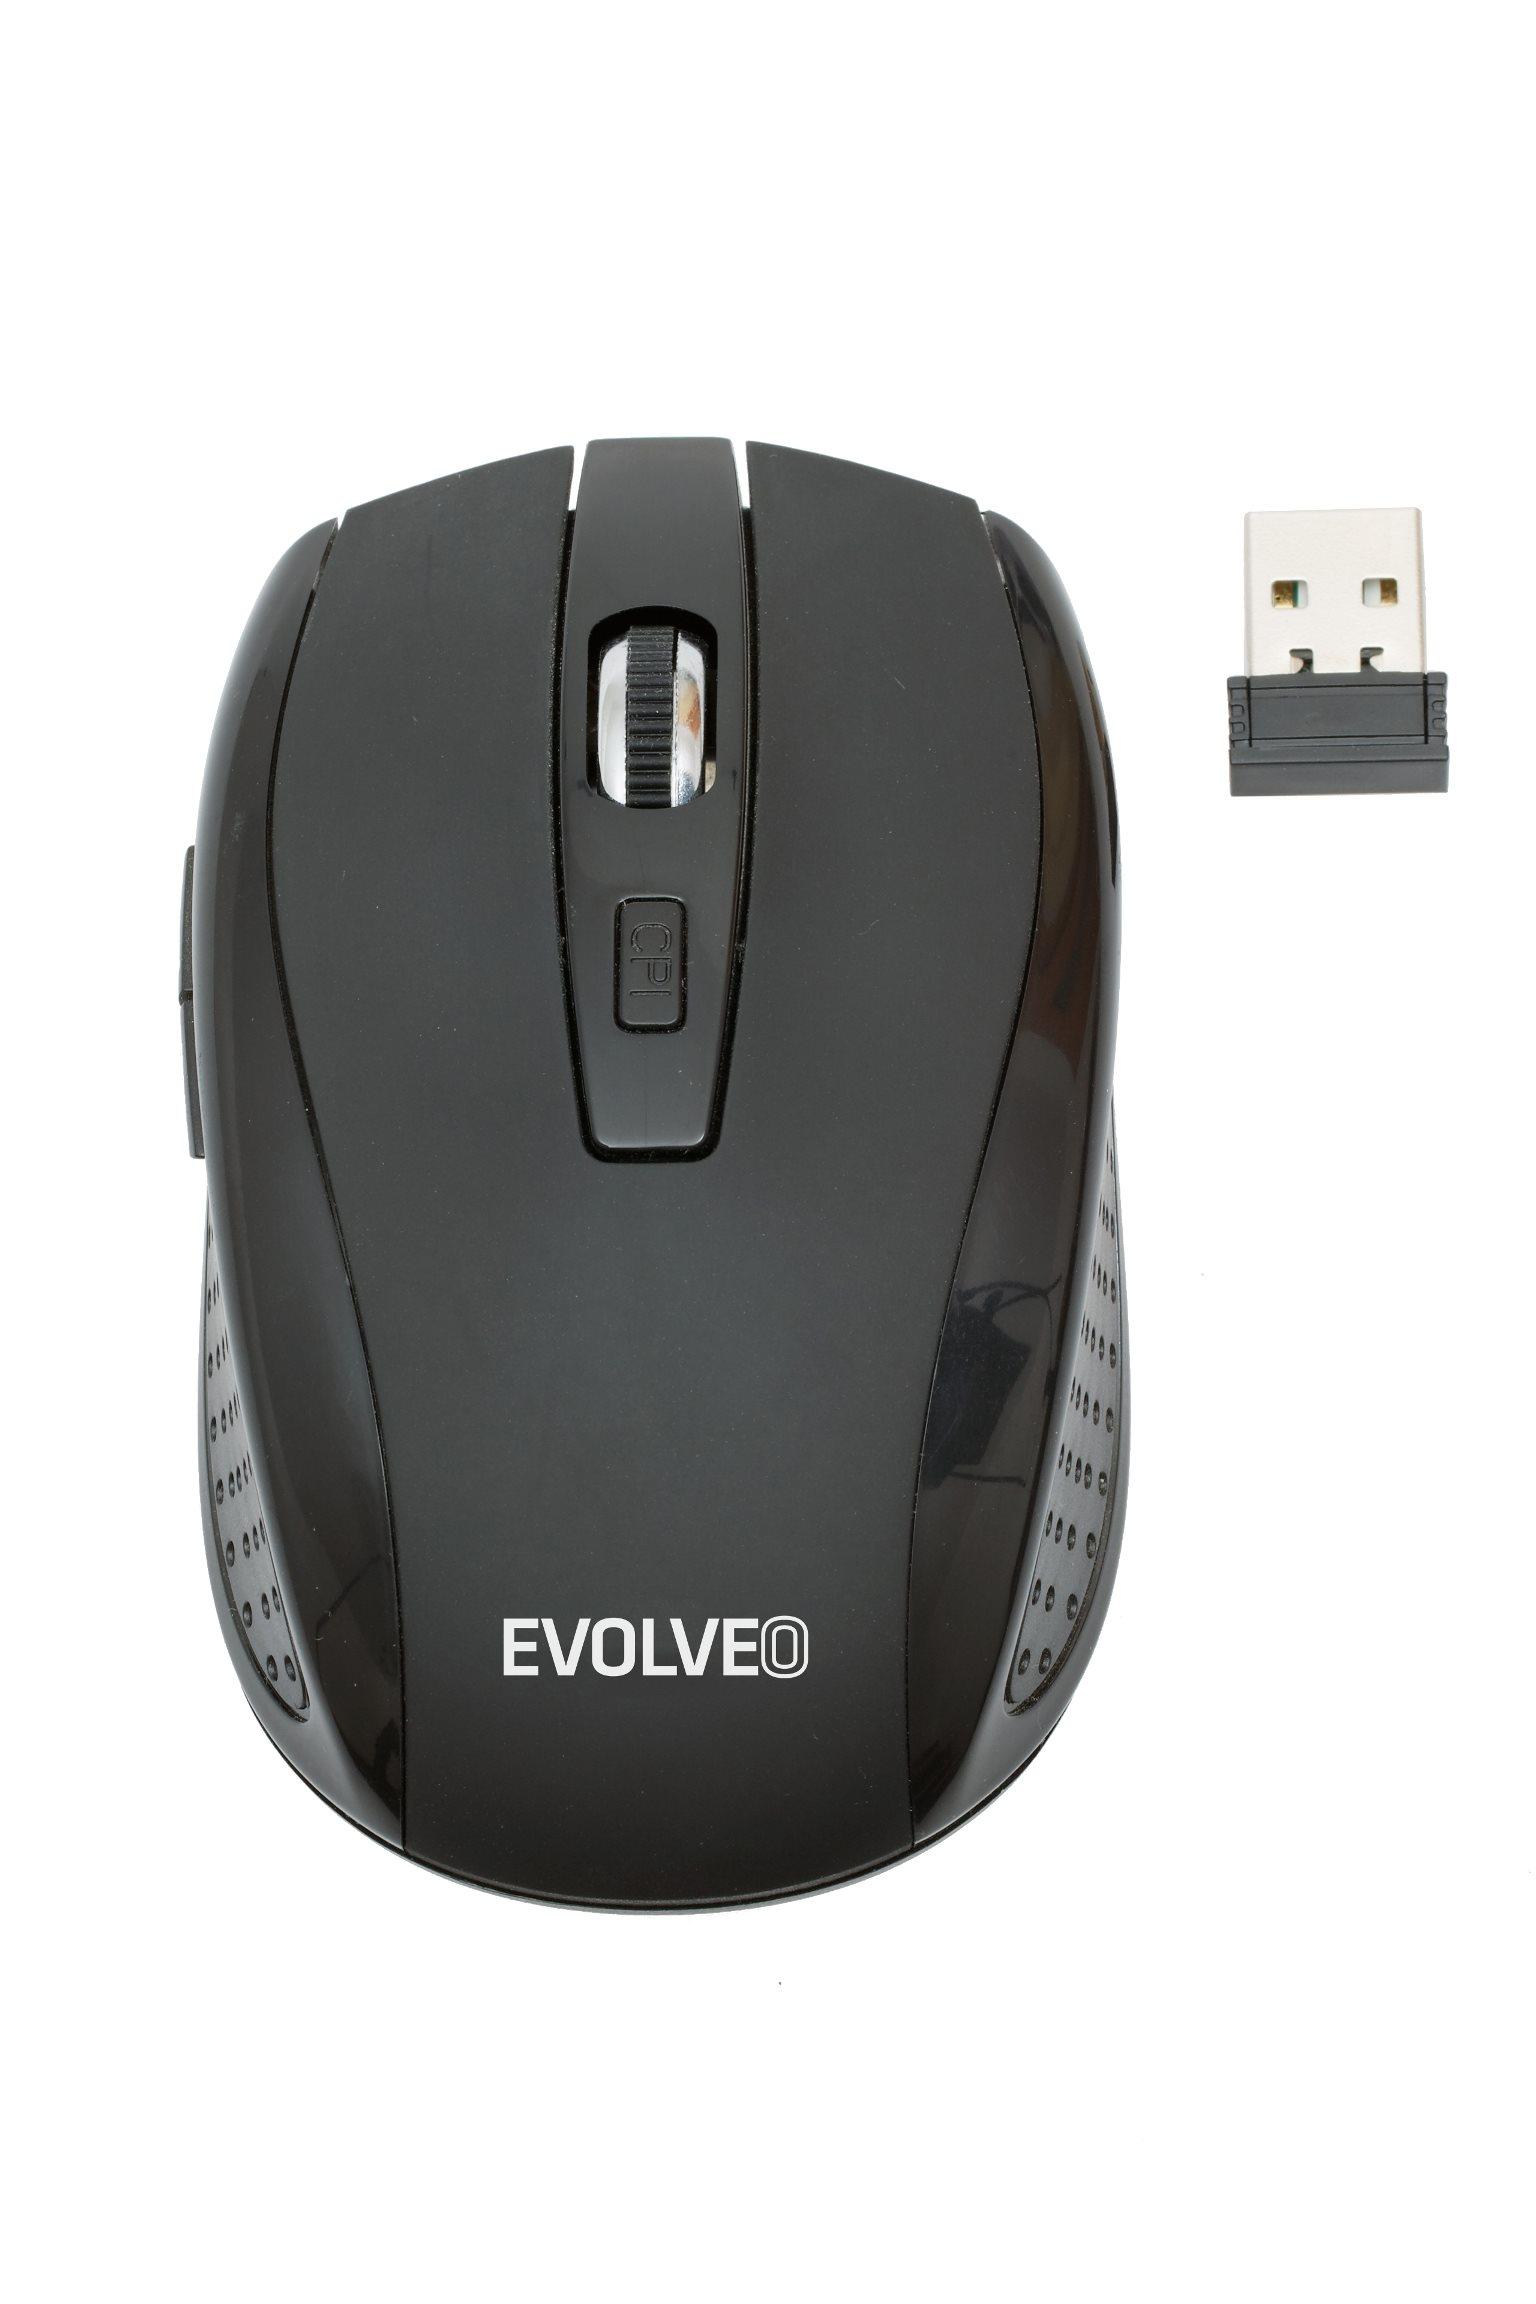 EVOLVEO WML-242B  bezdrátová myš, 1600DPI, 2.4GHz